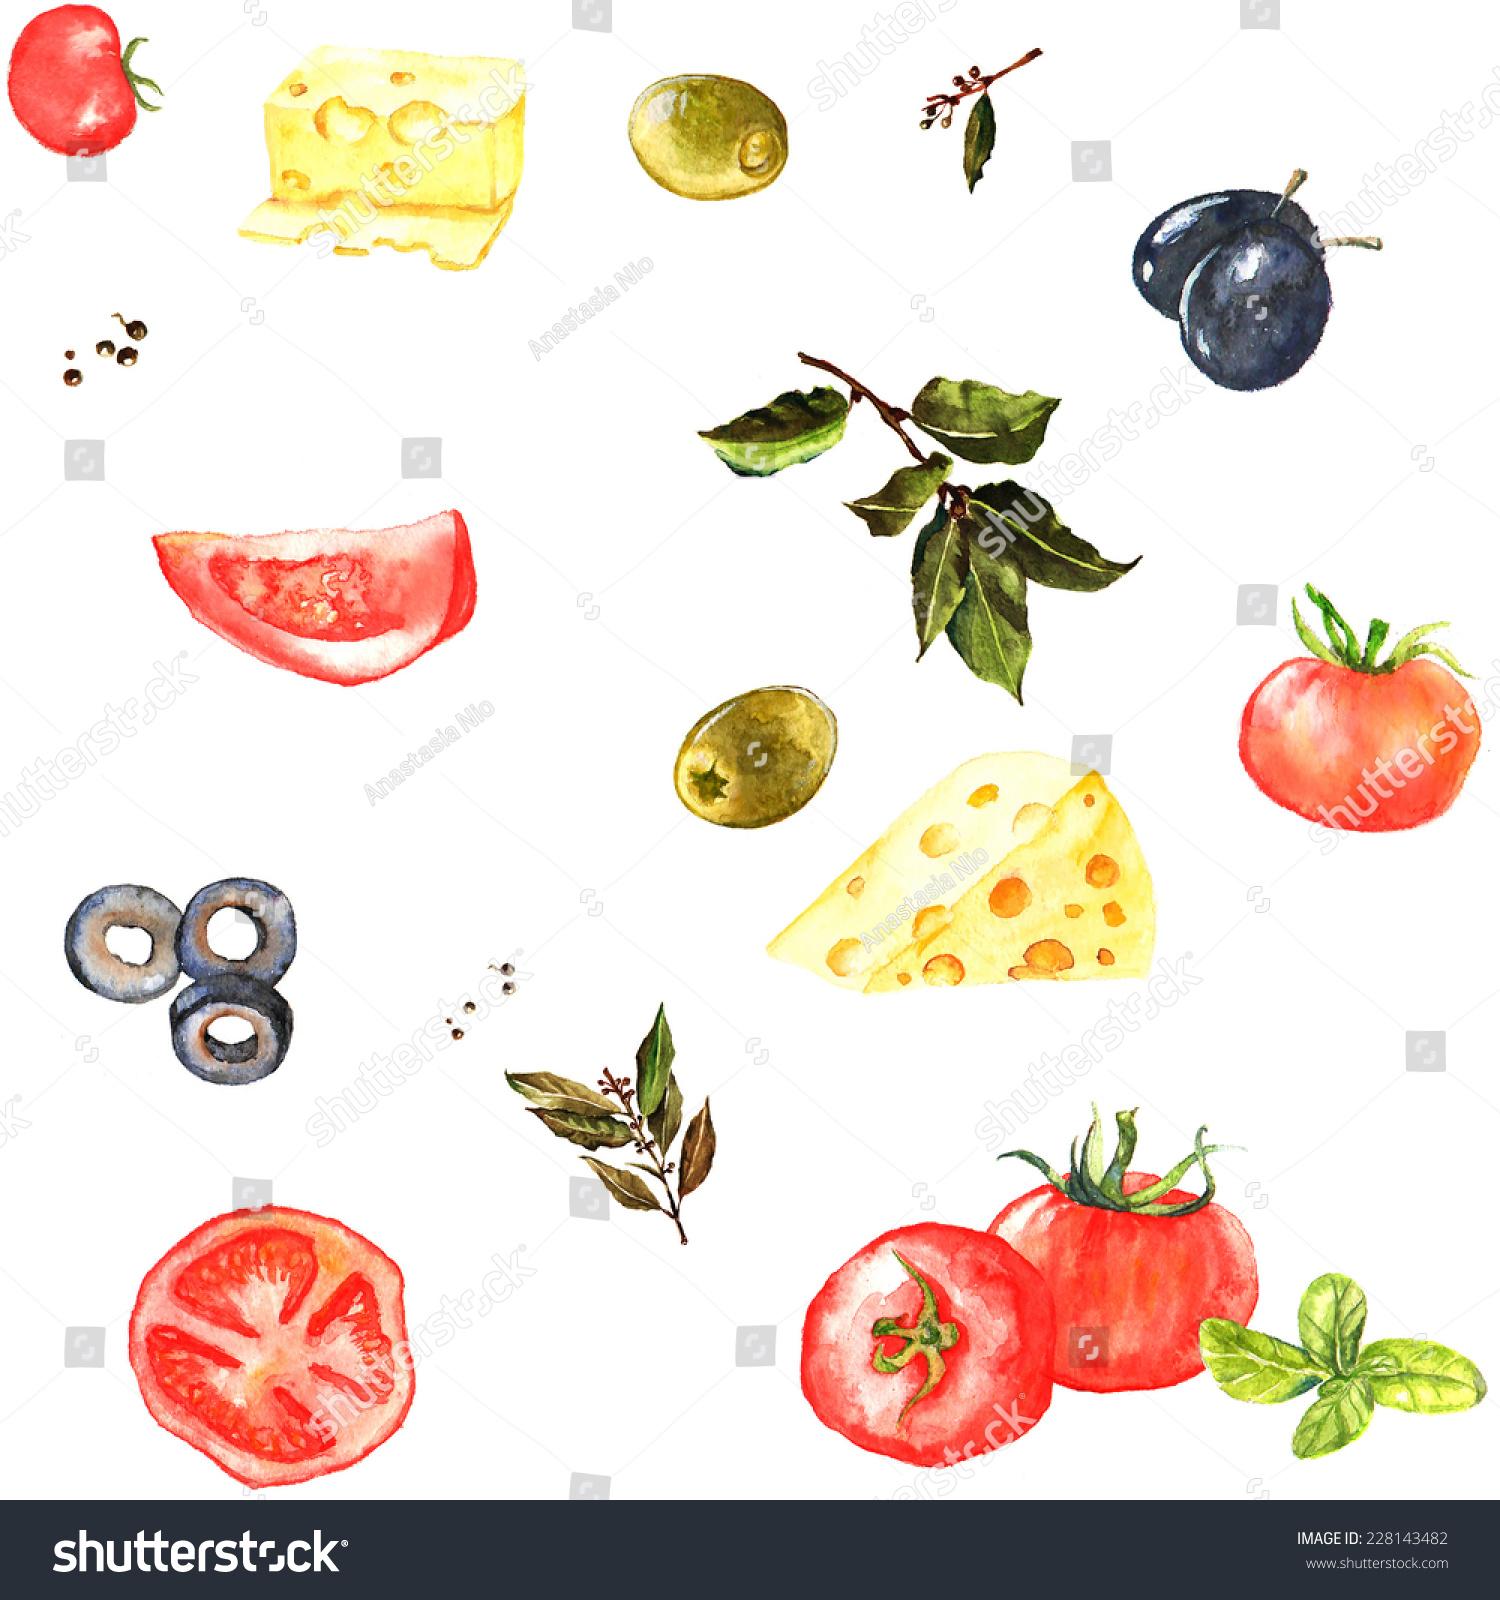 Stock Vector Seamless Watercolor